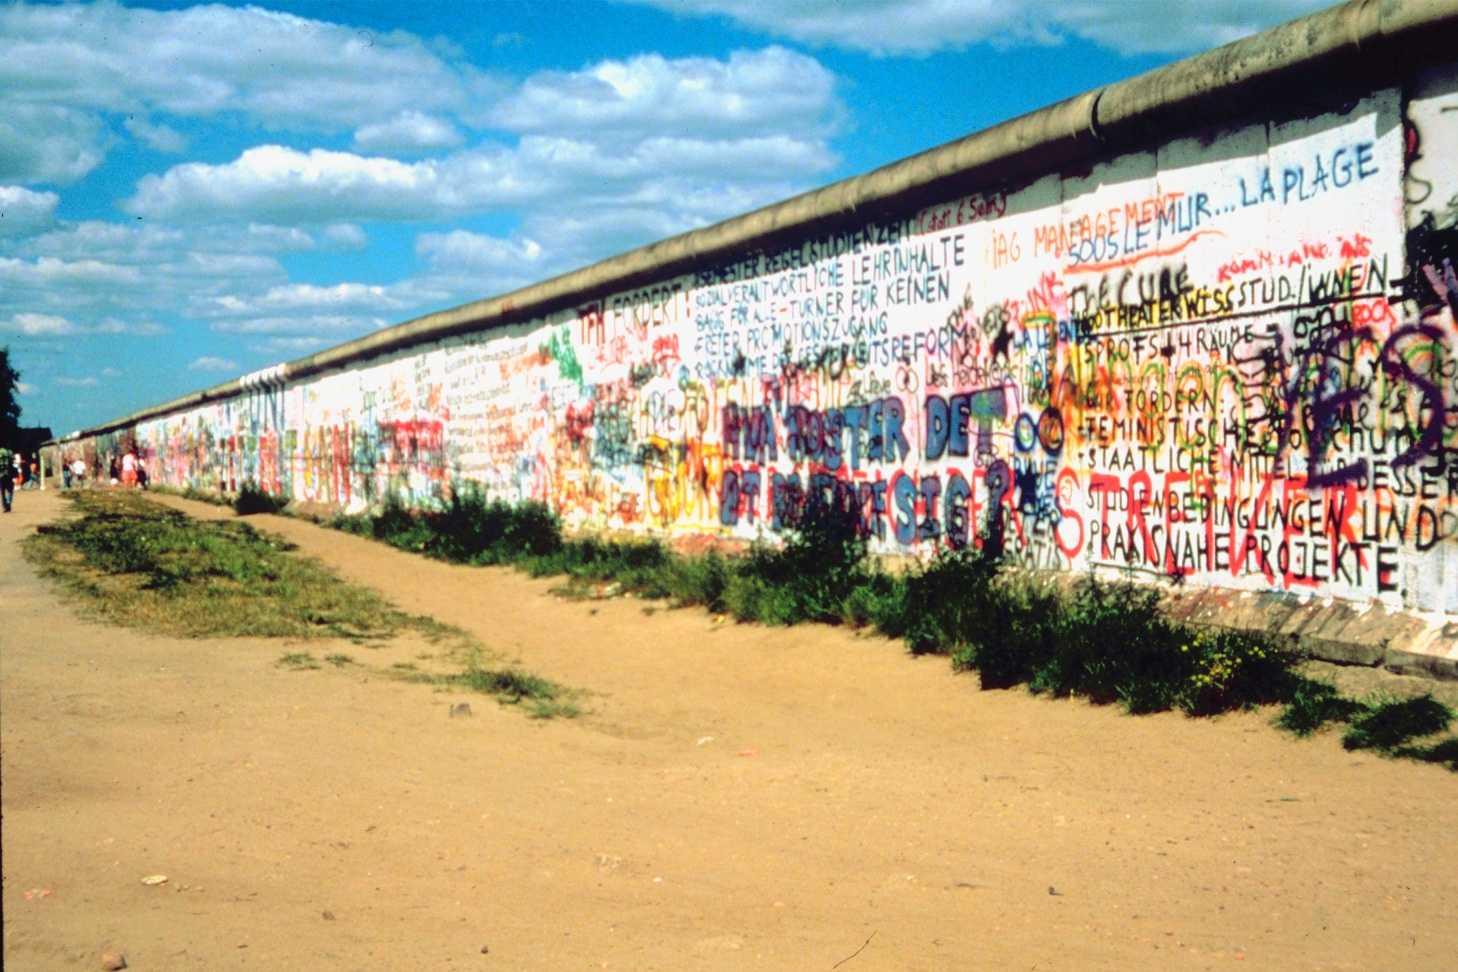 Berlino - Fuga per la libertà, History celebra la caduta del muro di Berlino | Digitale terrestre: Dtti.it